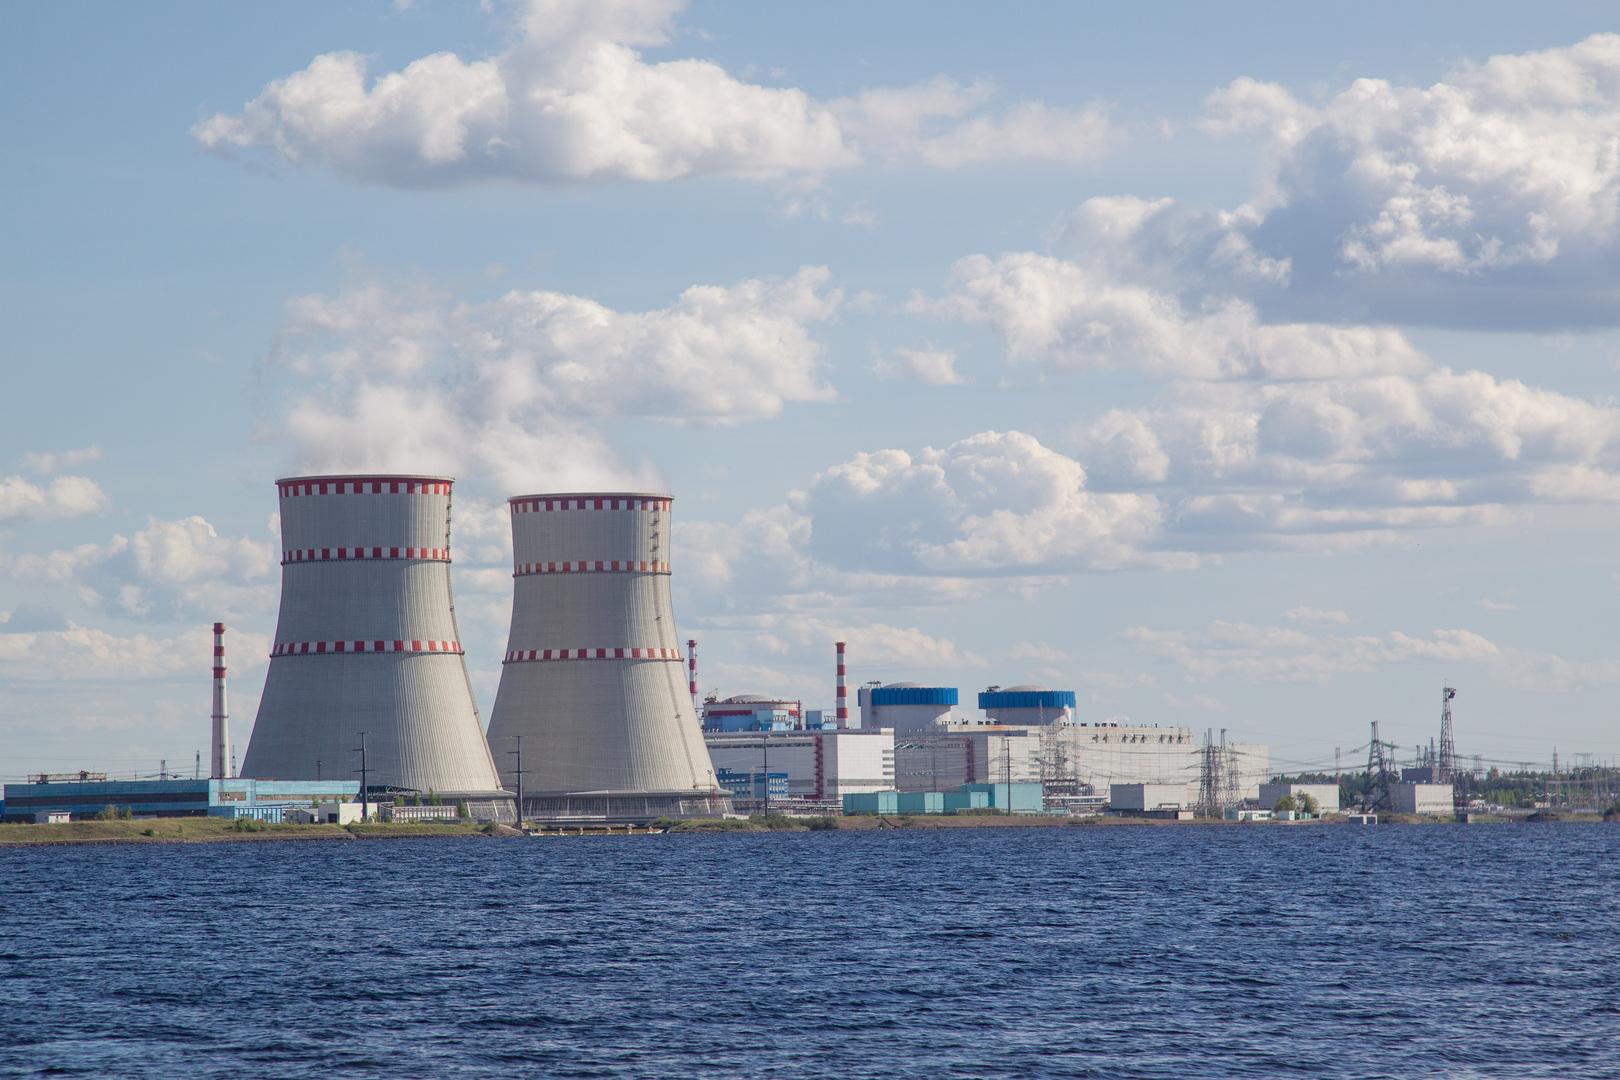 شركة مصرية تشارك في بناء محطة الضبعة النووية